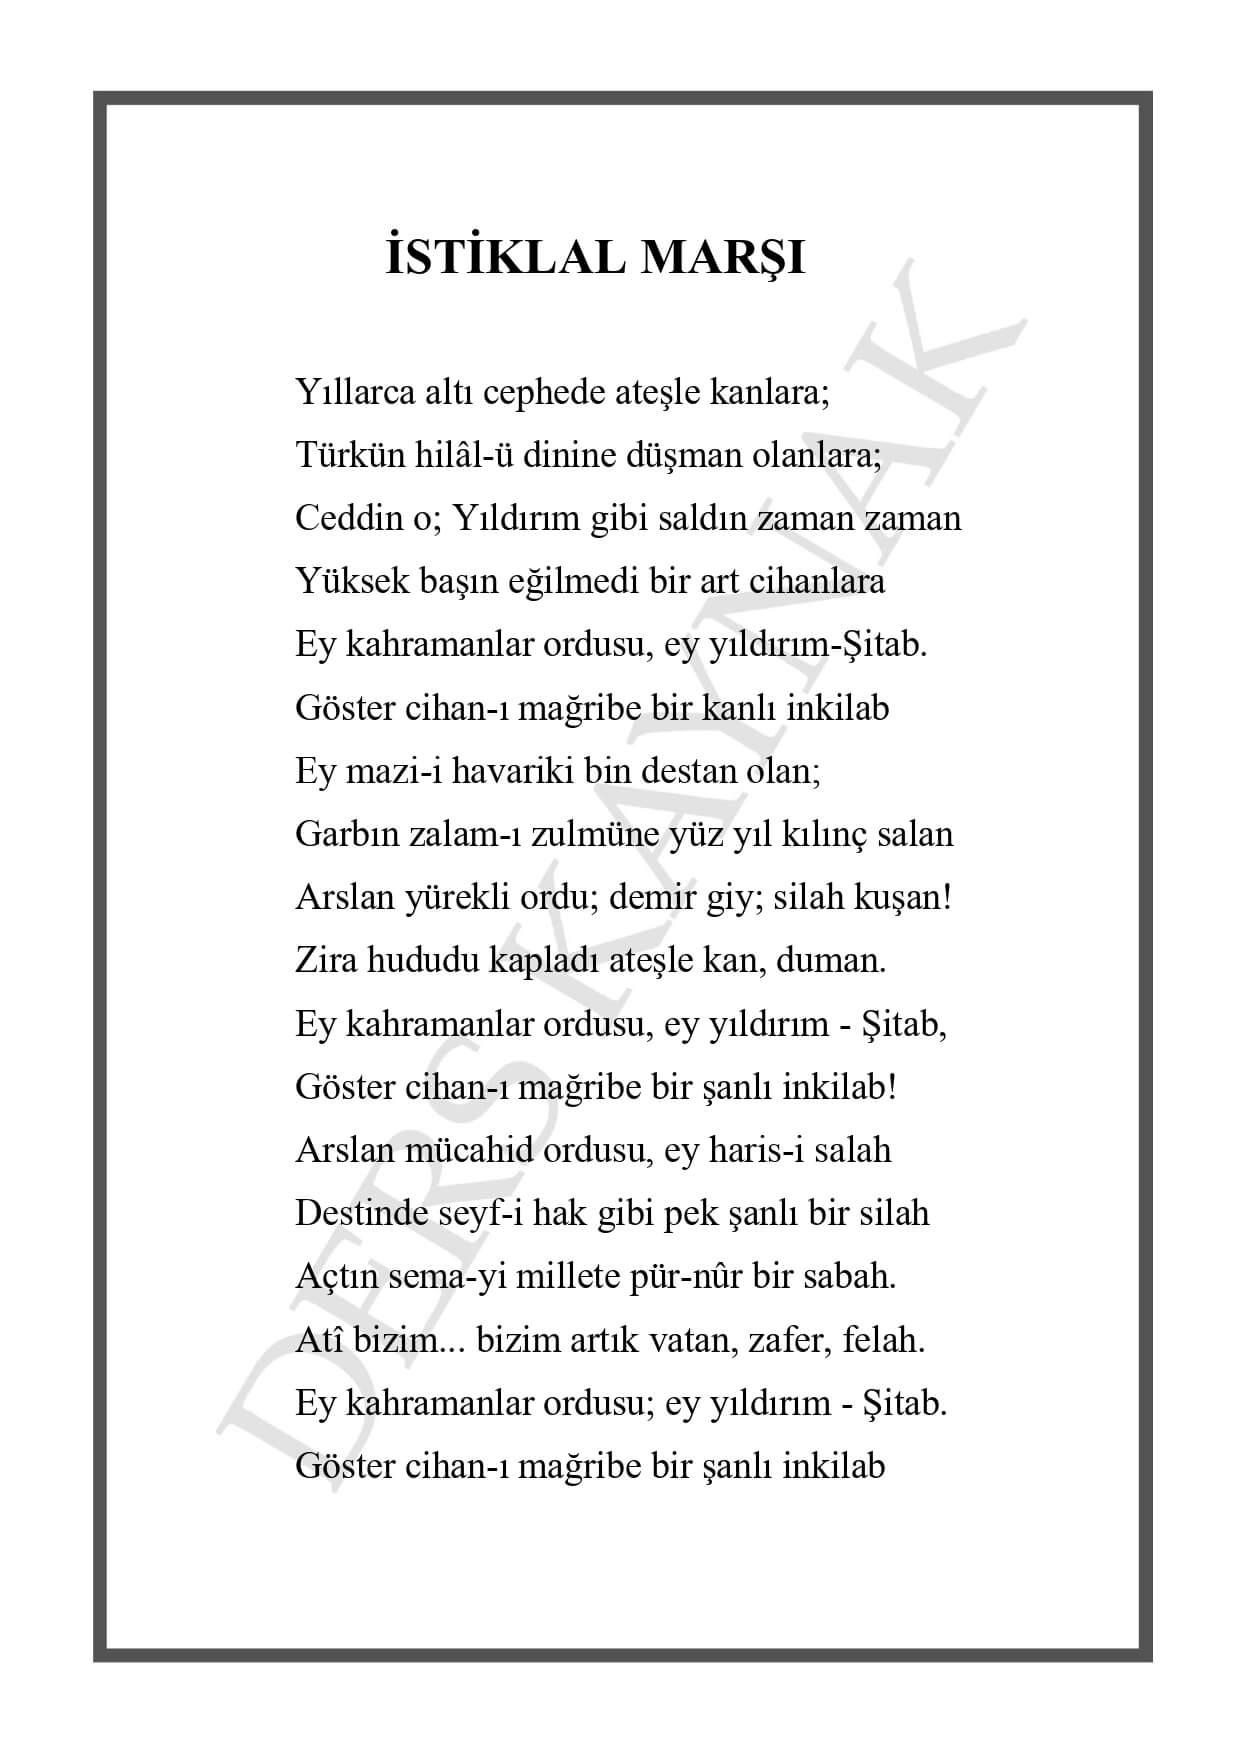 istiklal-marşı-yarışmasında-finale-kalan-şiirler